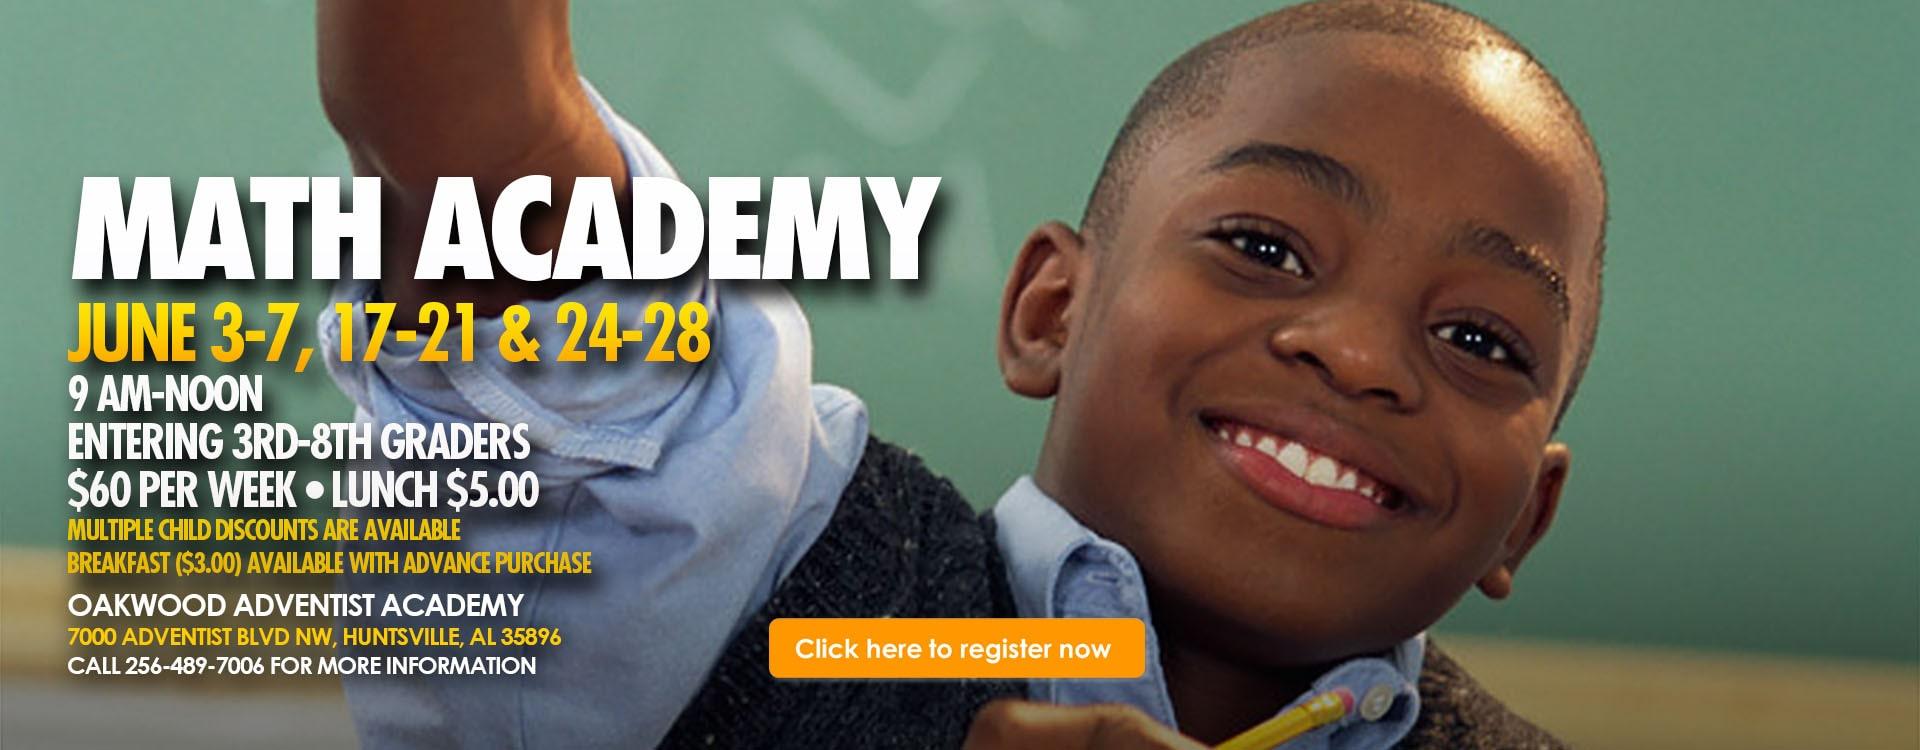 Math Academy – Web Banner